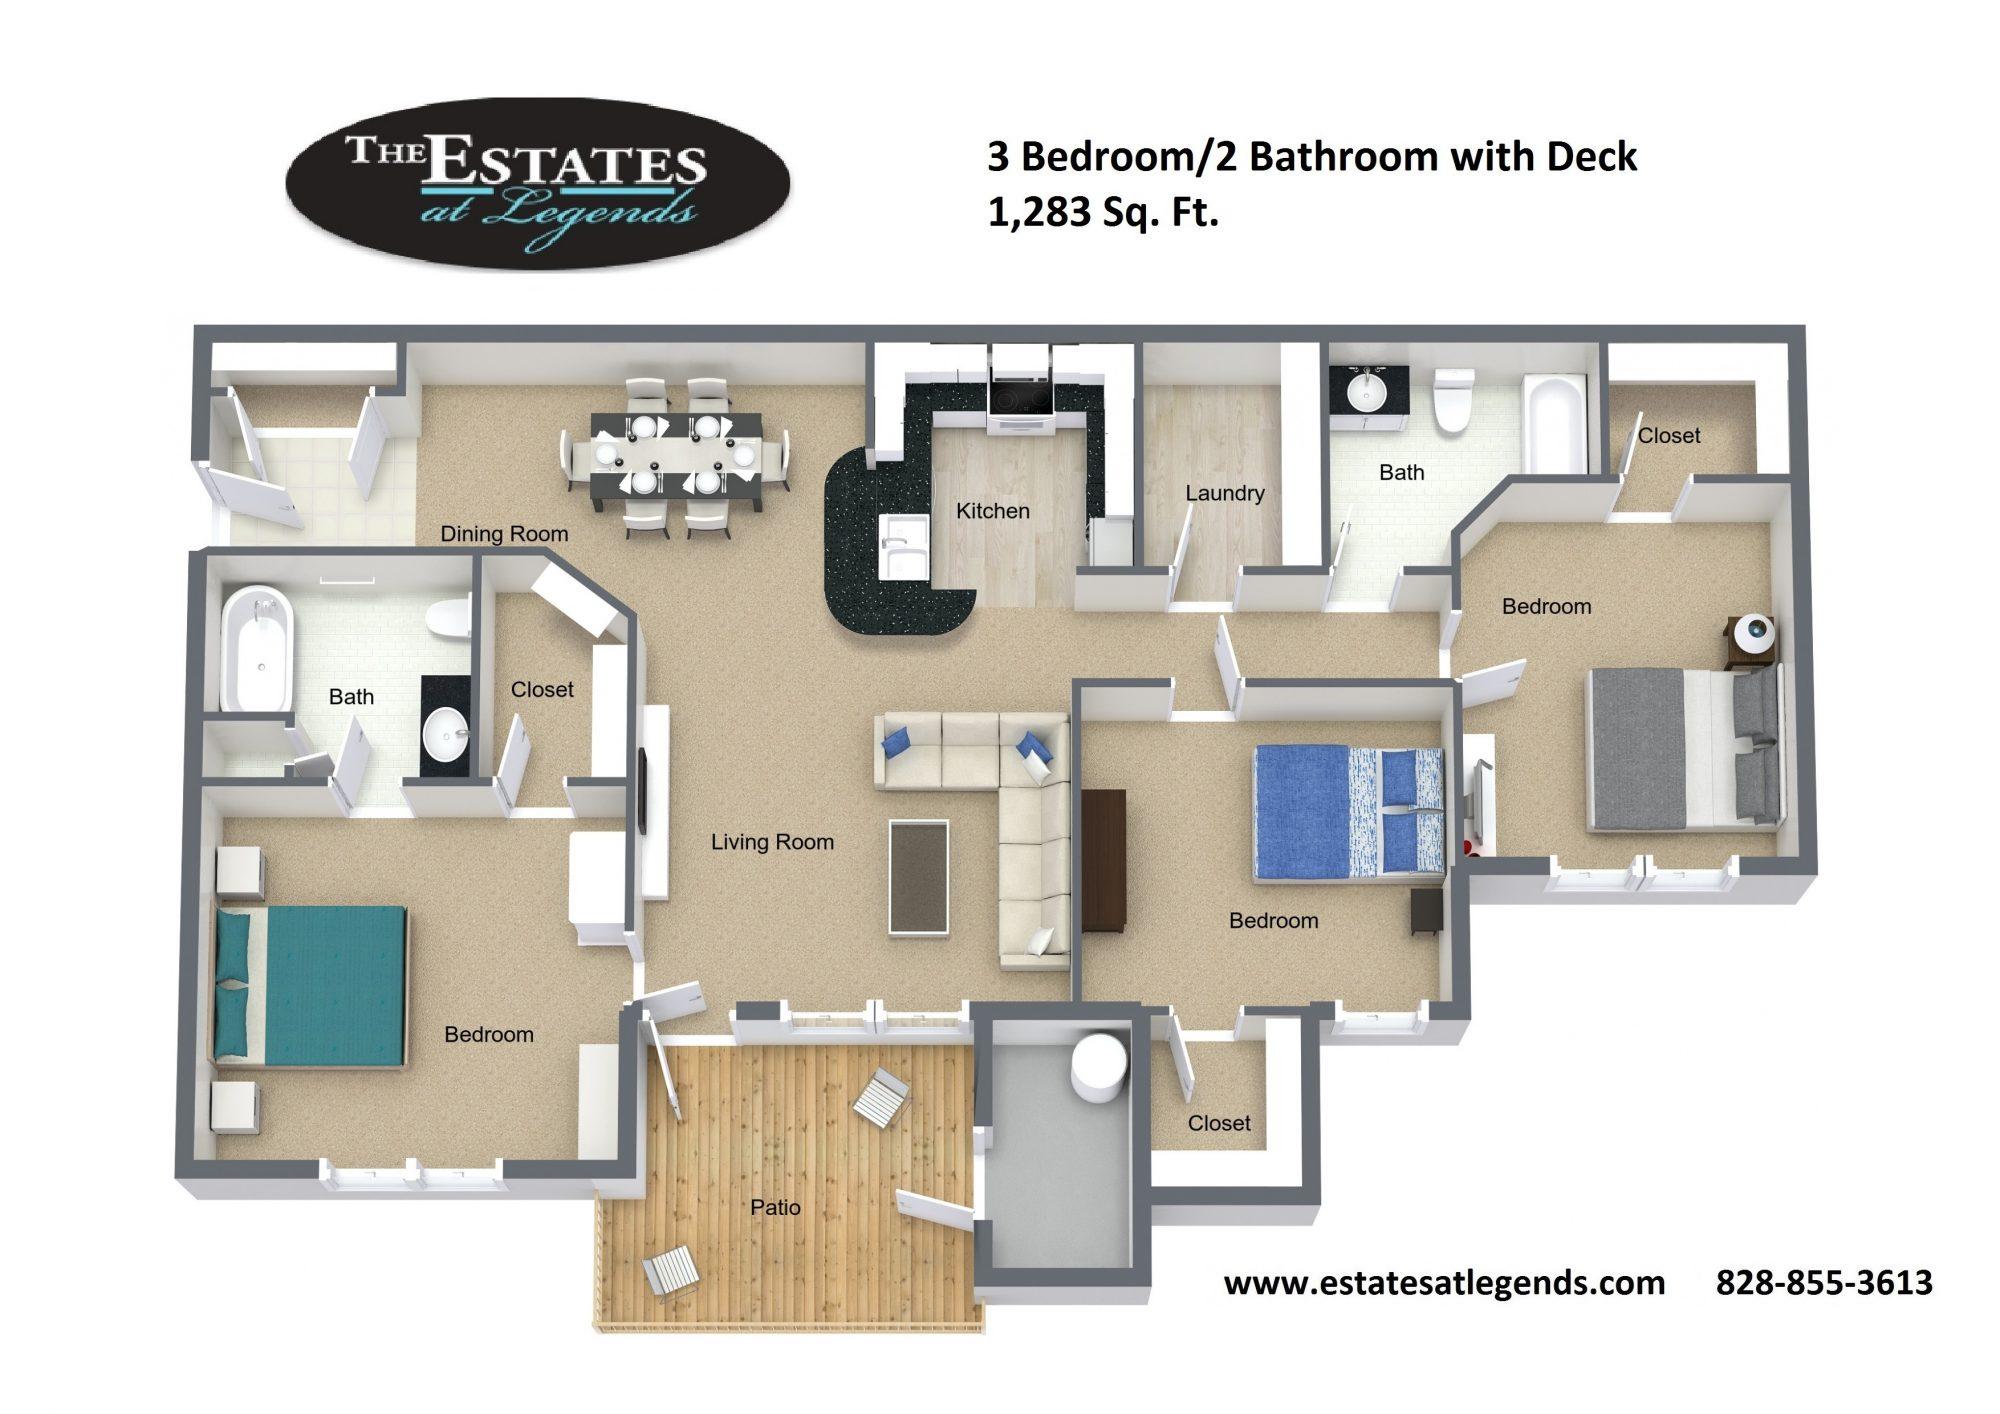 3d - 3 Bedroom 3 Bathroom with Deck